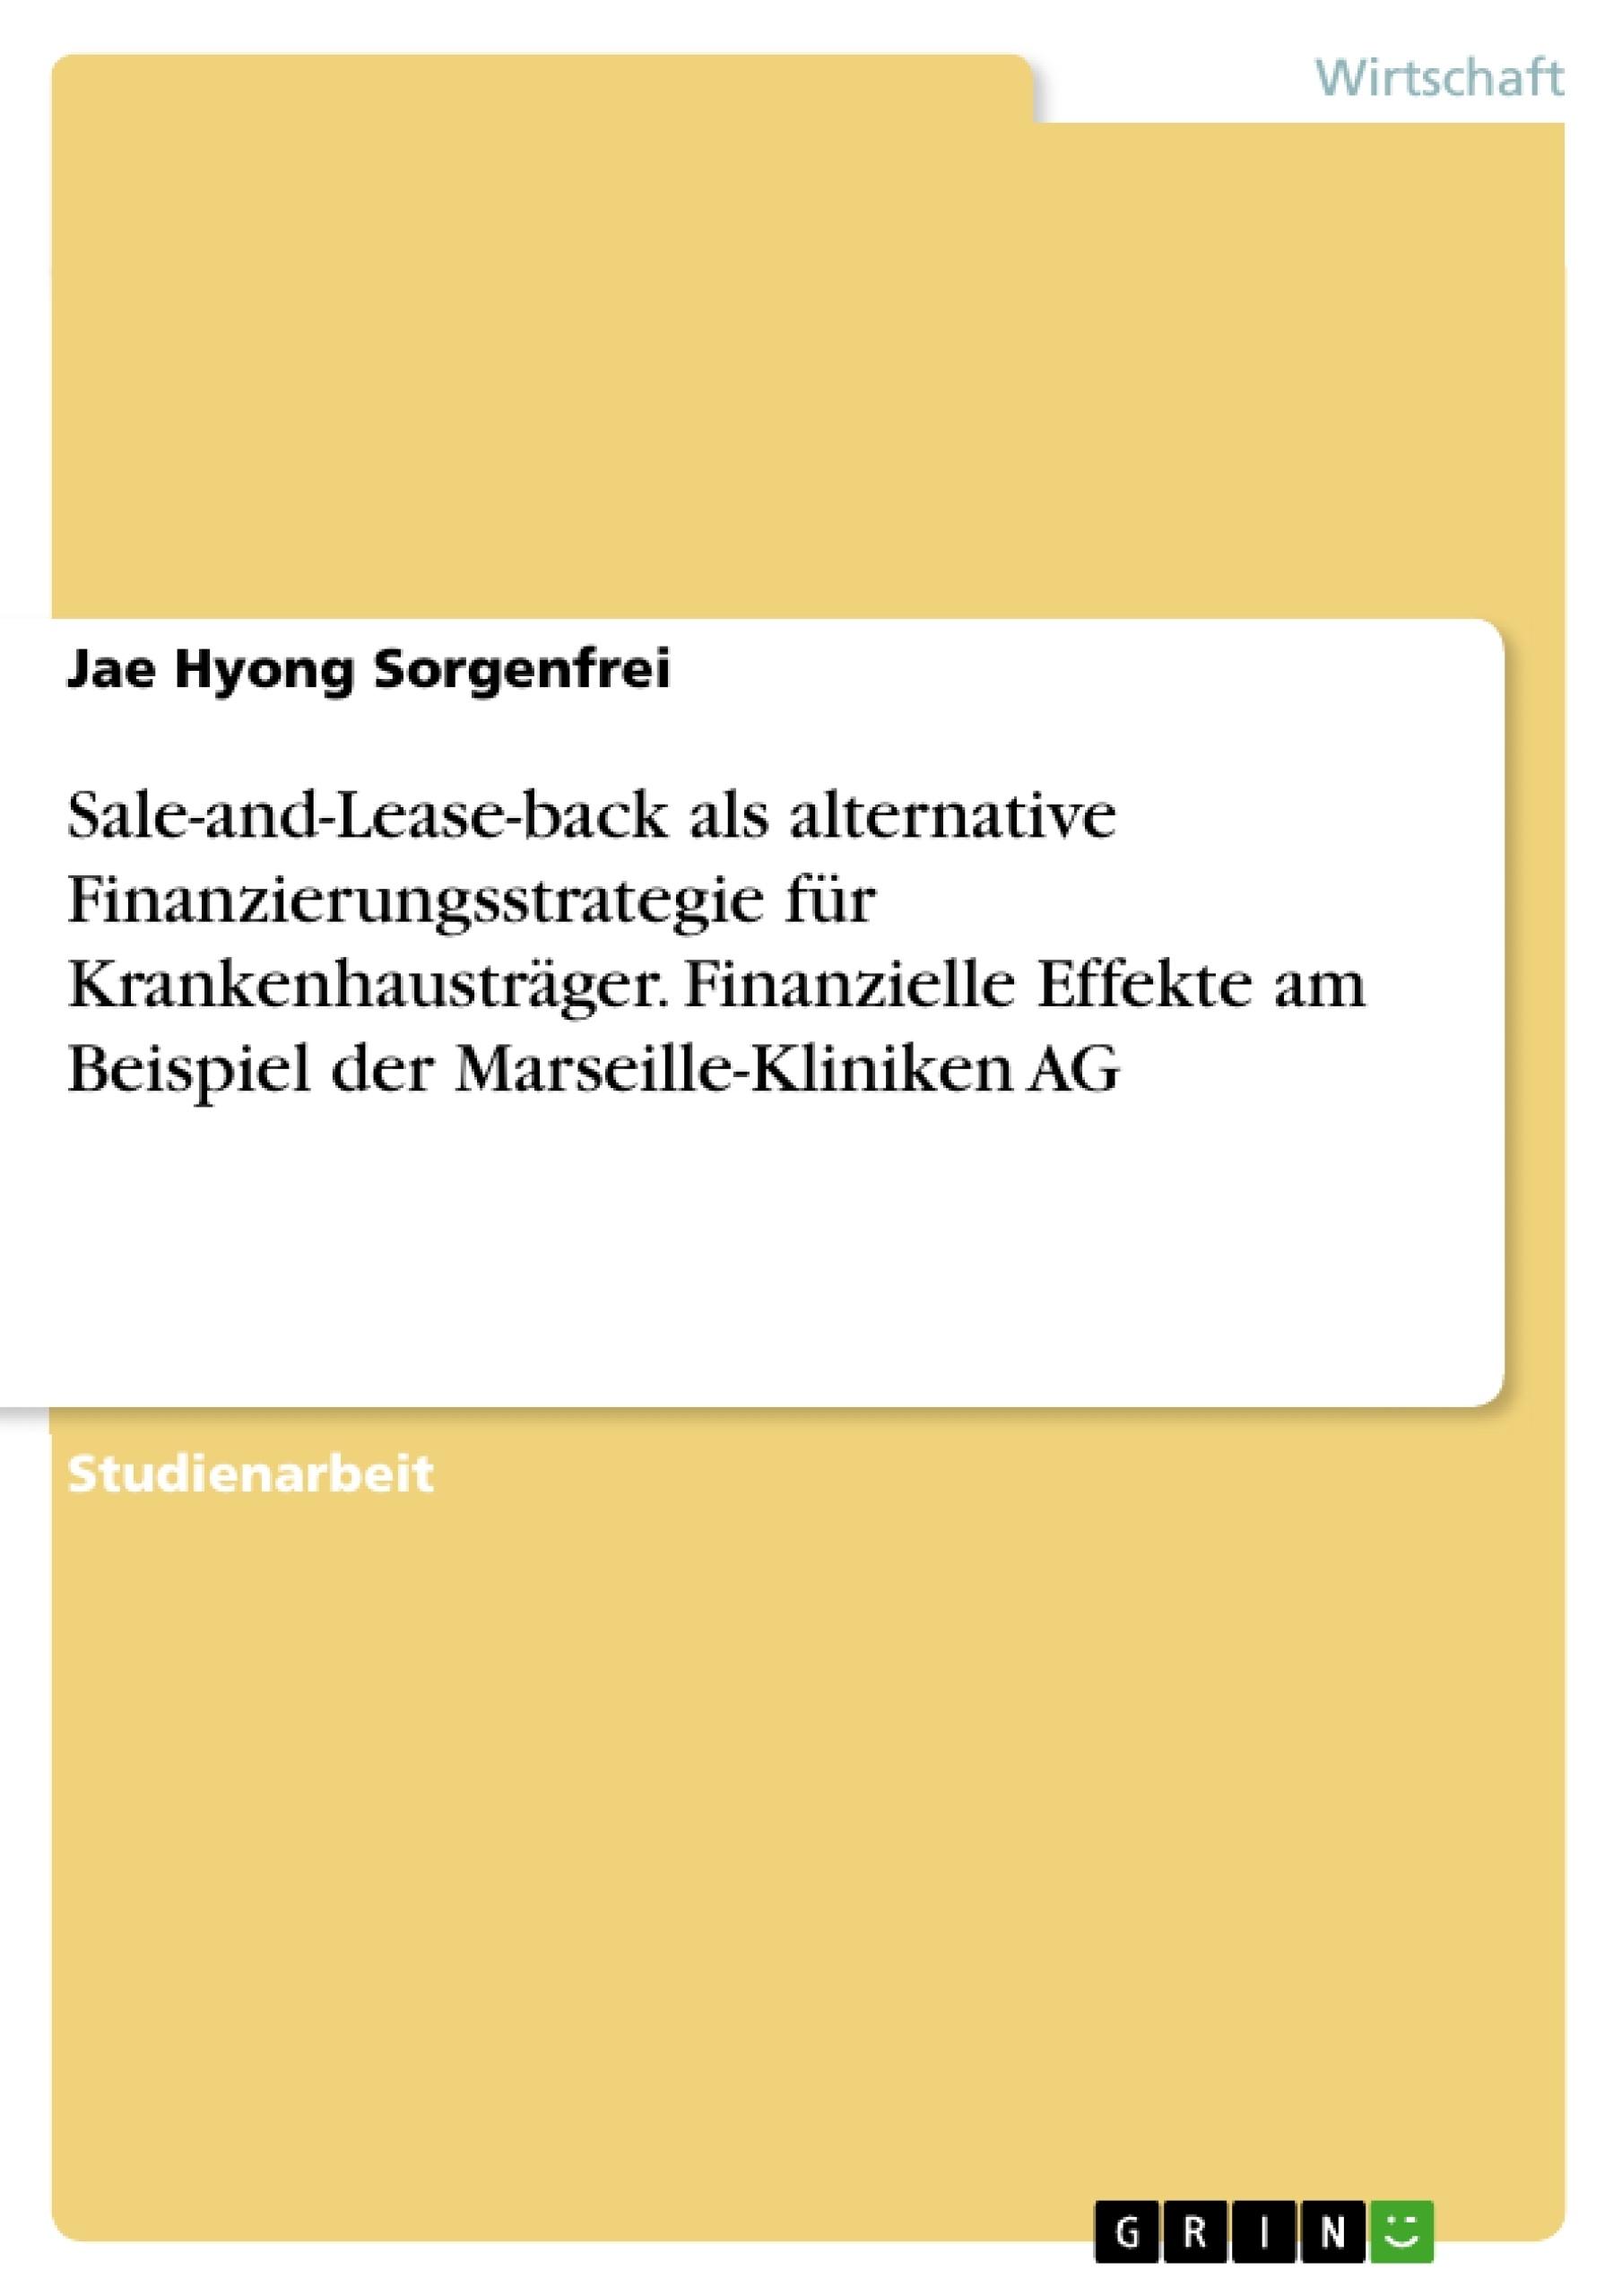 Titel: Sale-and-Lease-back als alternative Finanzierungsstrategie für Krankenhausträger. Finanzielle Effekte am Beispiel der Marseille-Kliniken AG